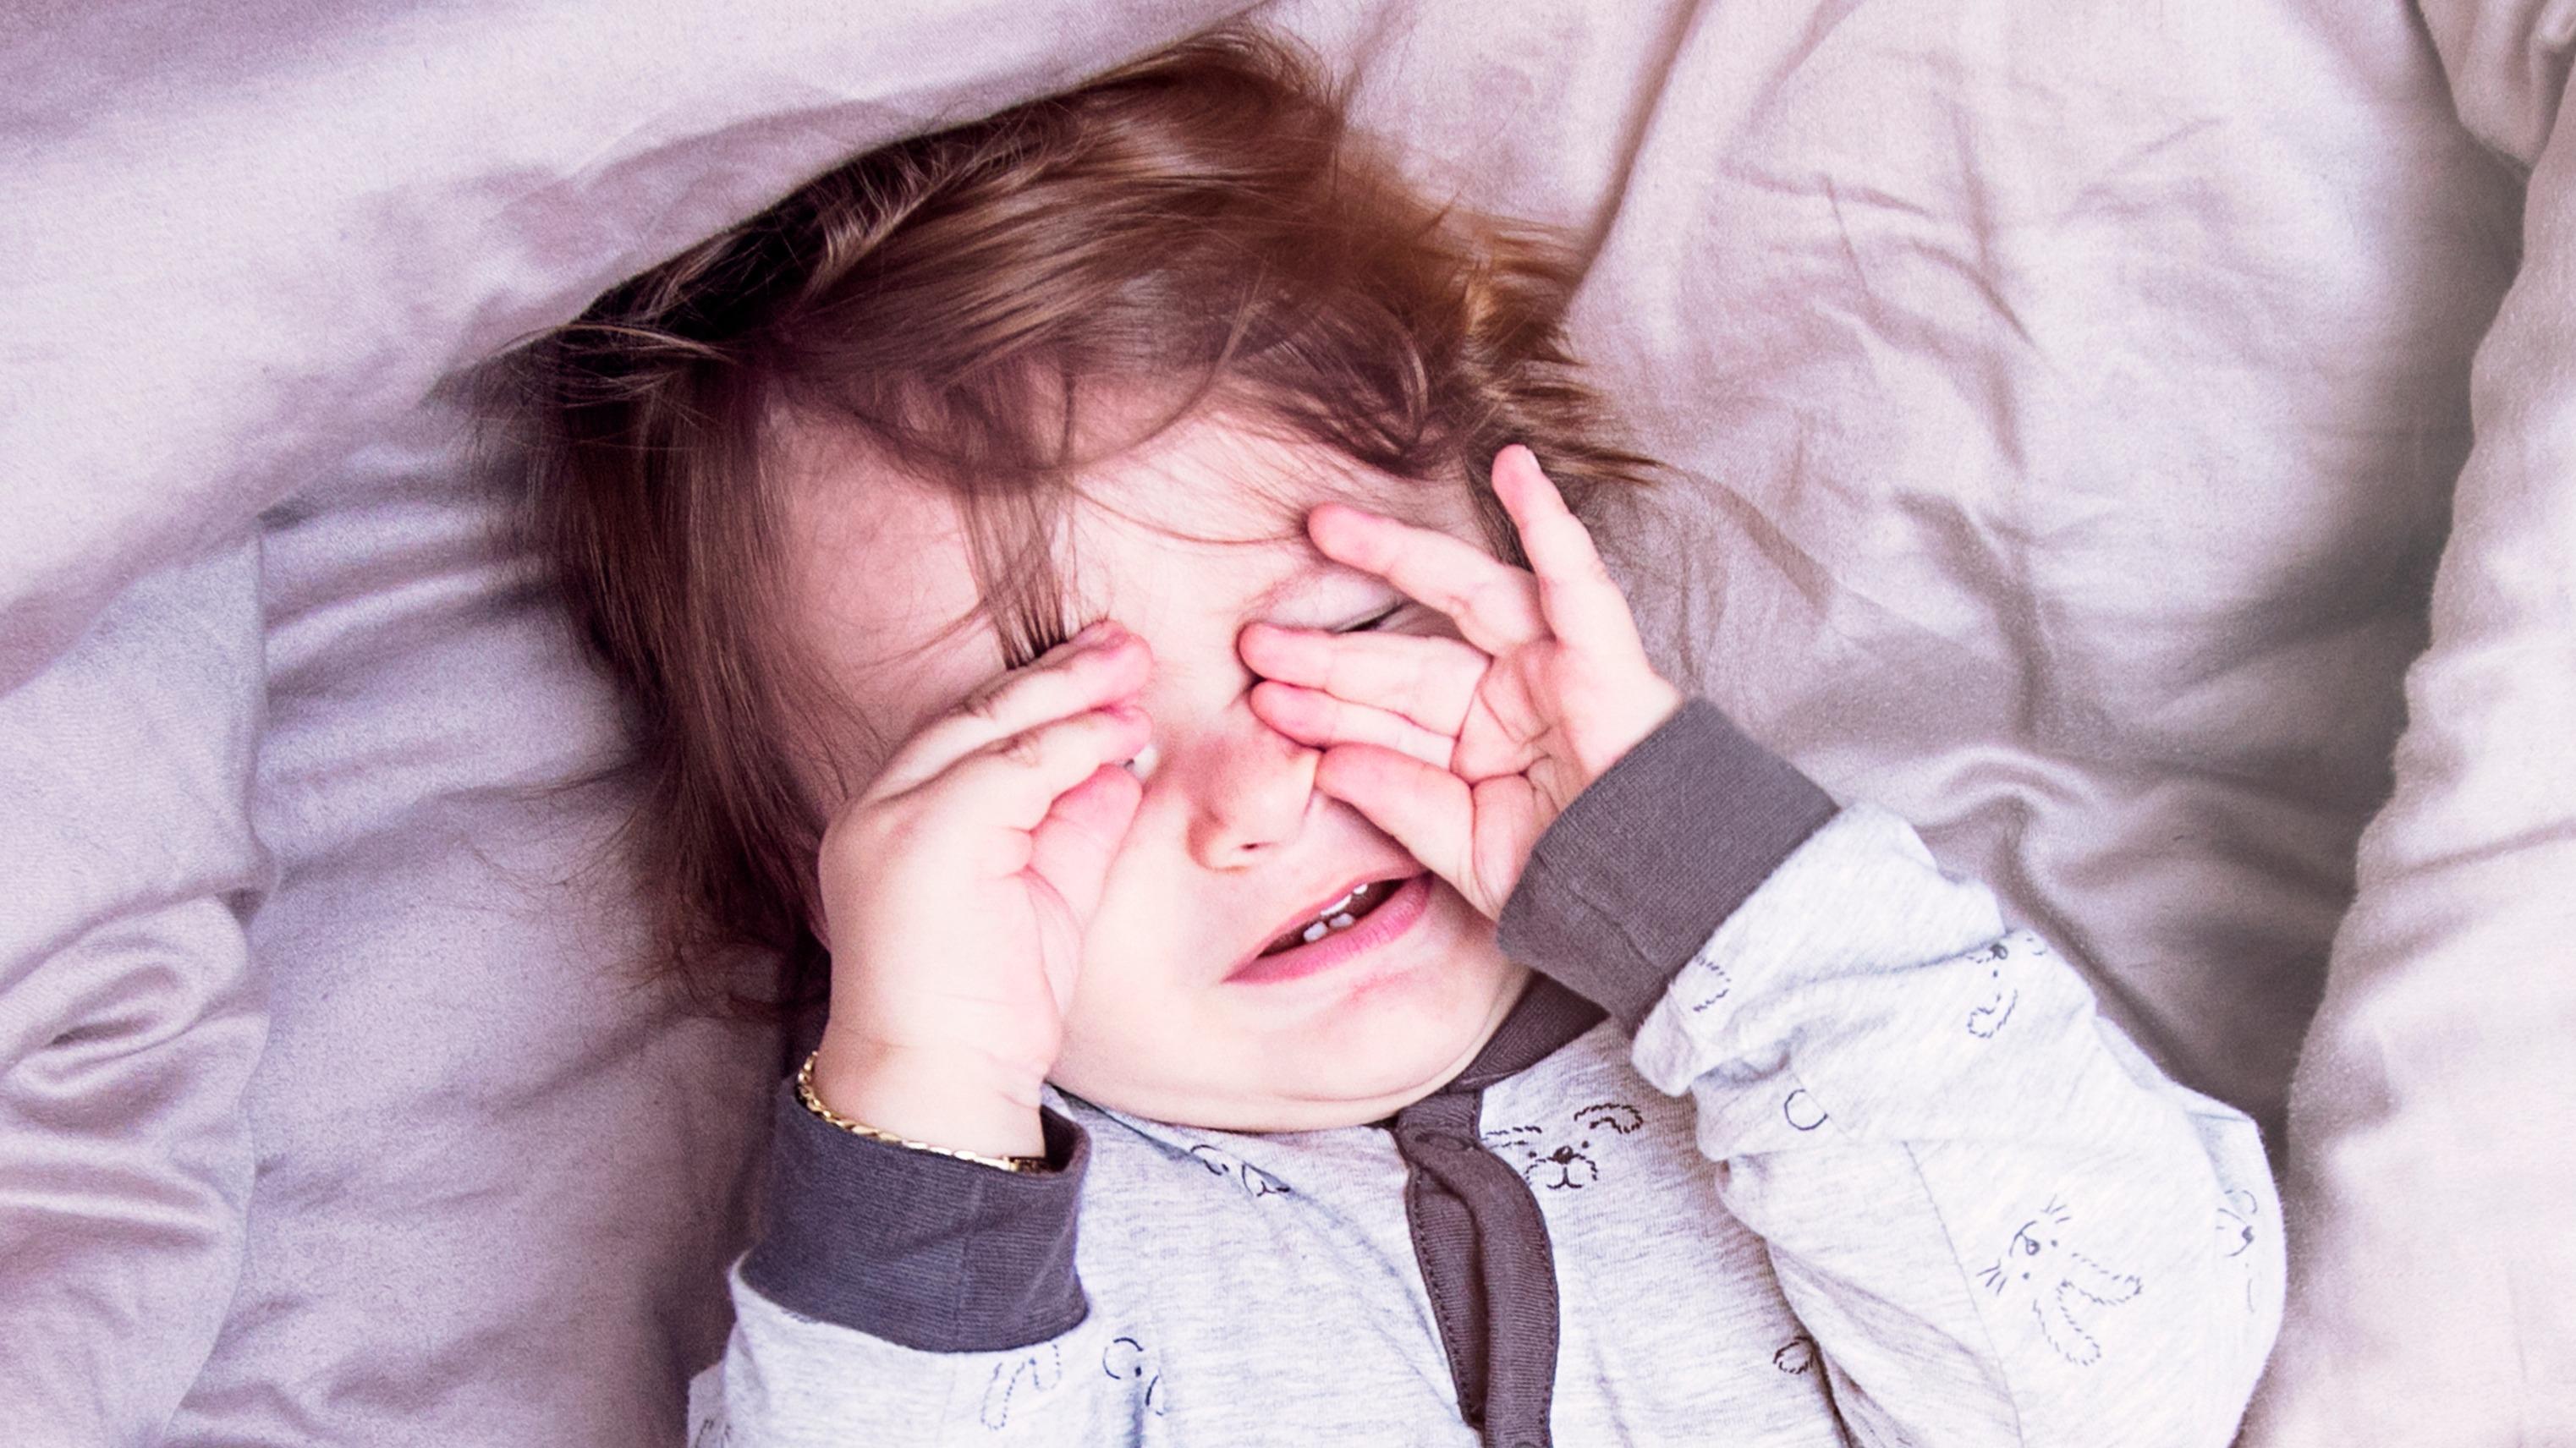 Este ciclo de sueño puede verse perjudicado con la presencia de cuadros de insomnio que afecte el desarrollo integral de los menores.